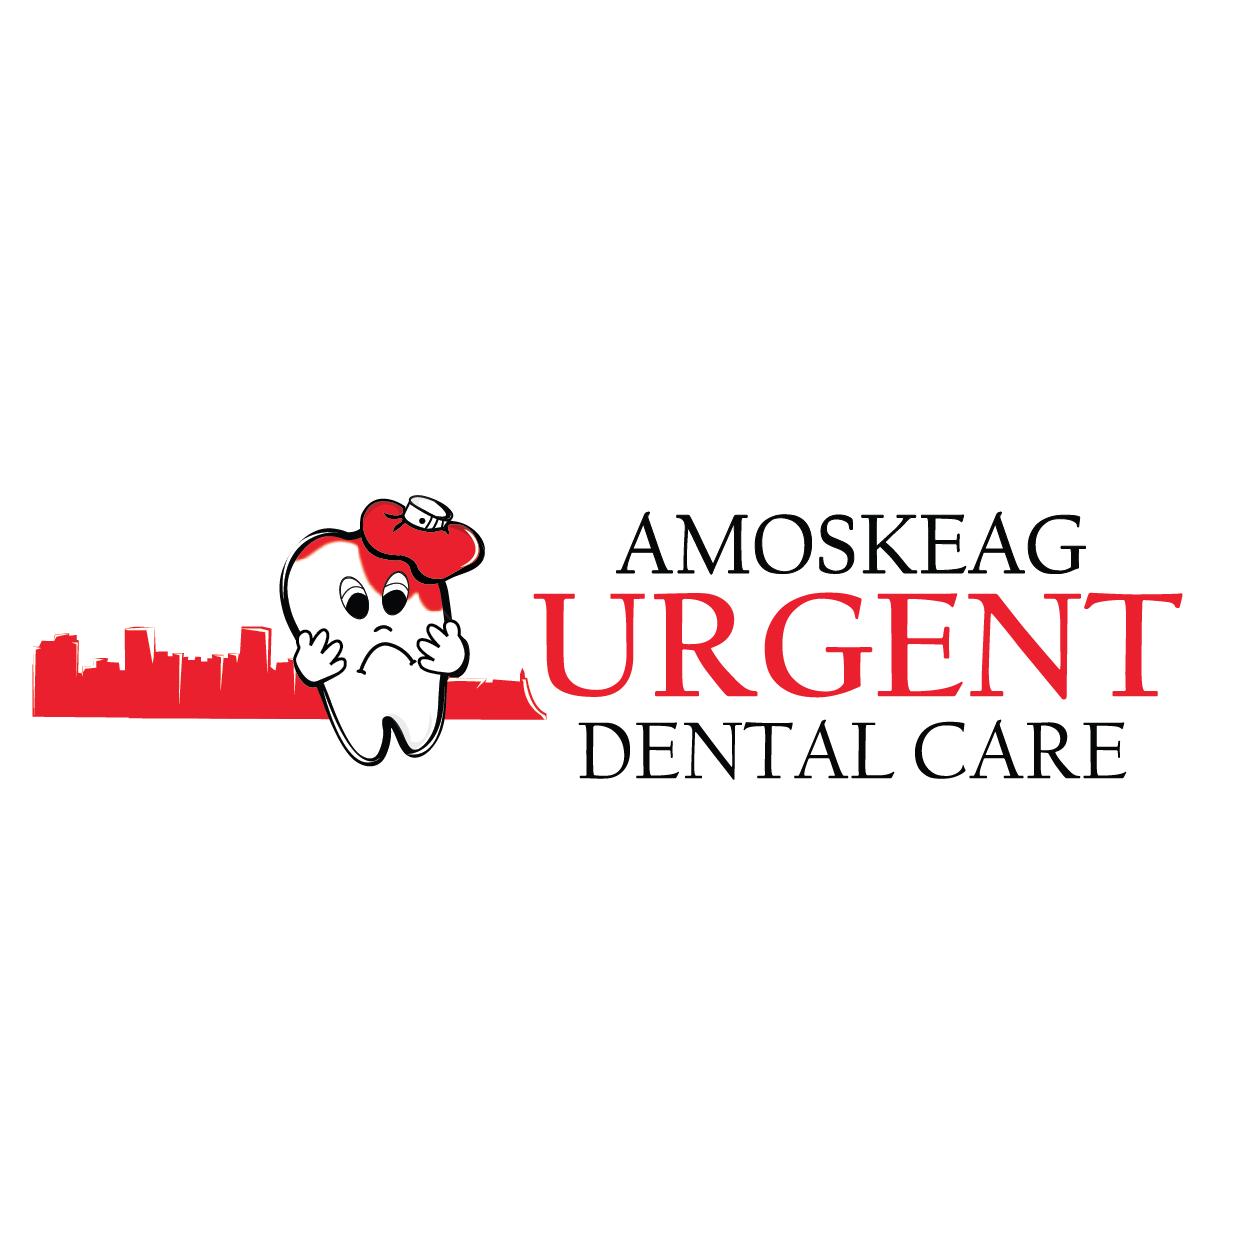 Amoskeag Urgent Dental Care